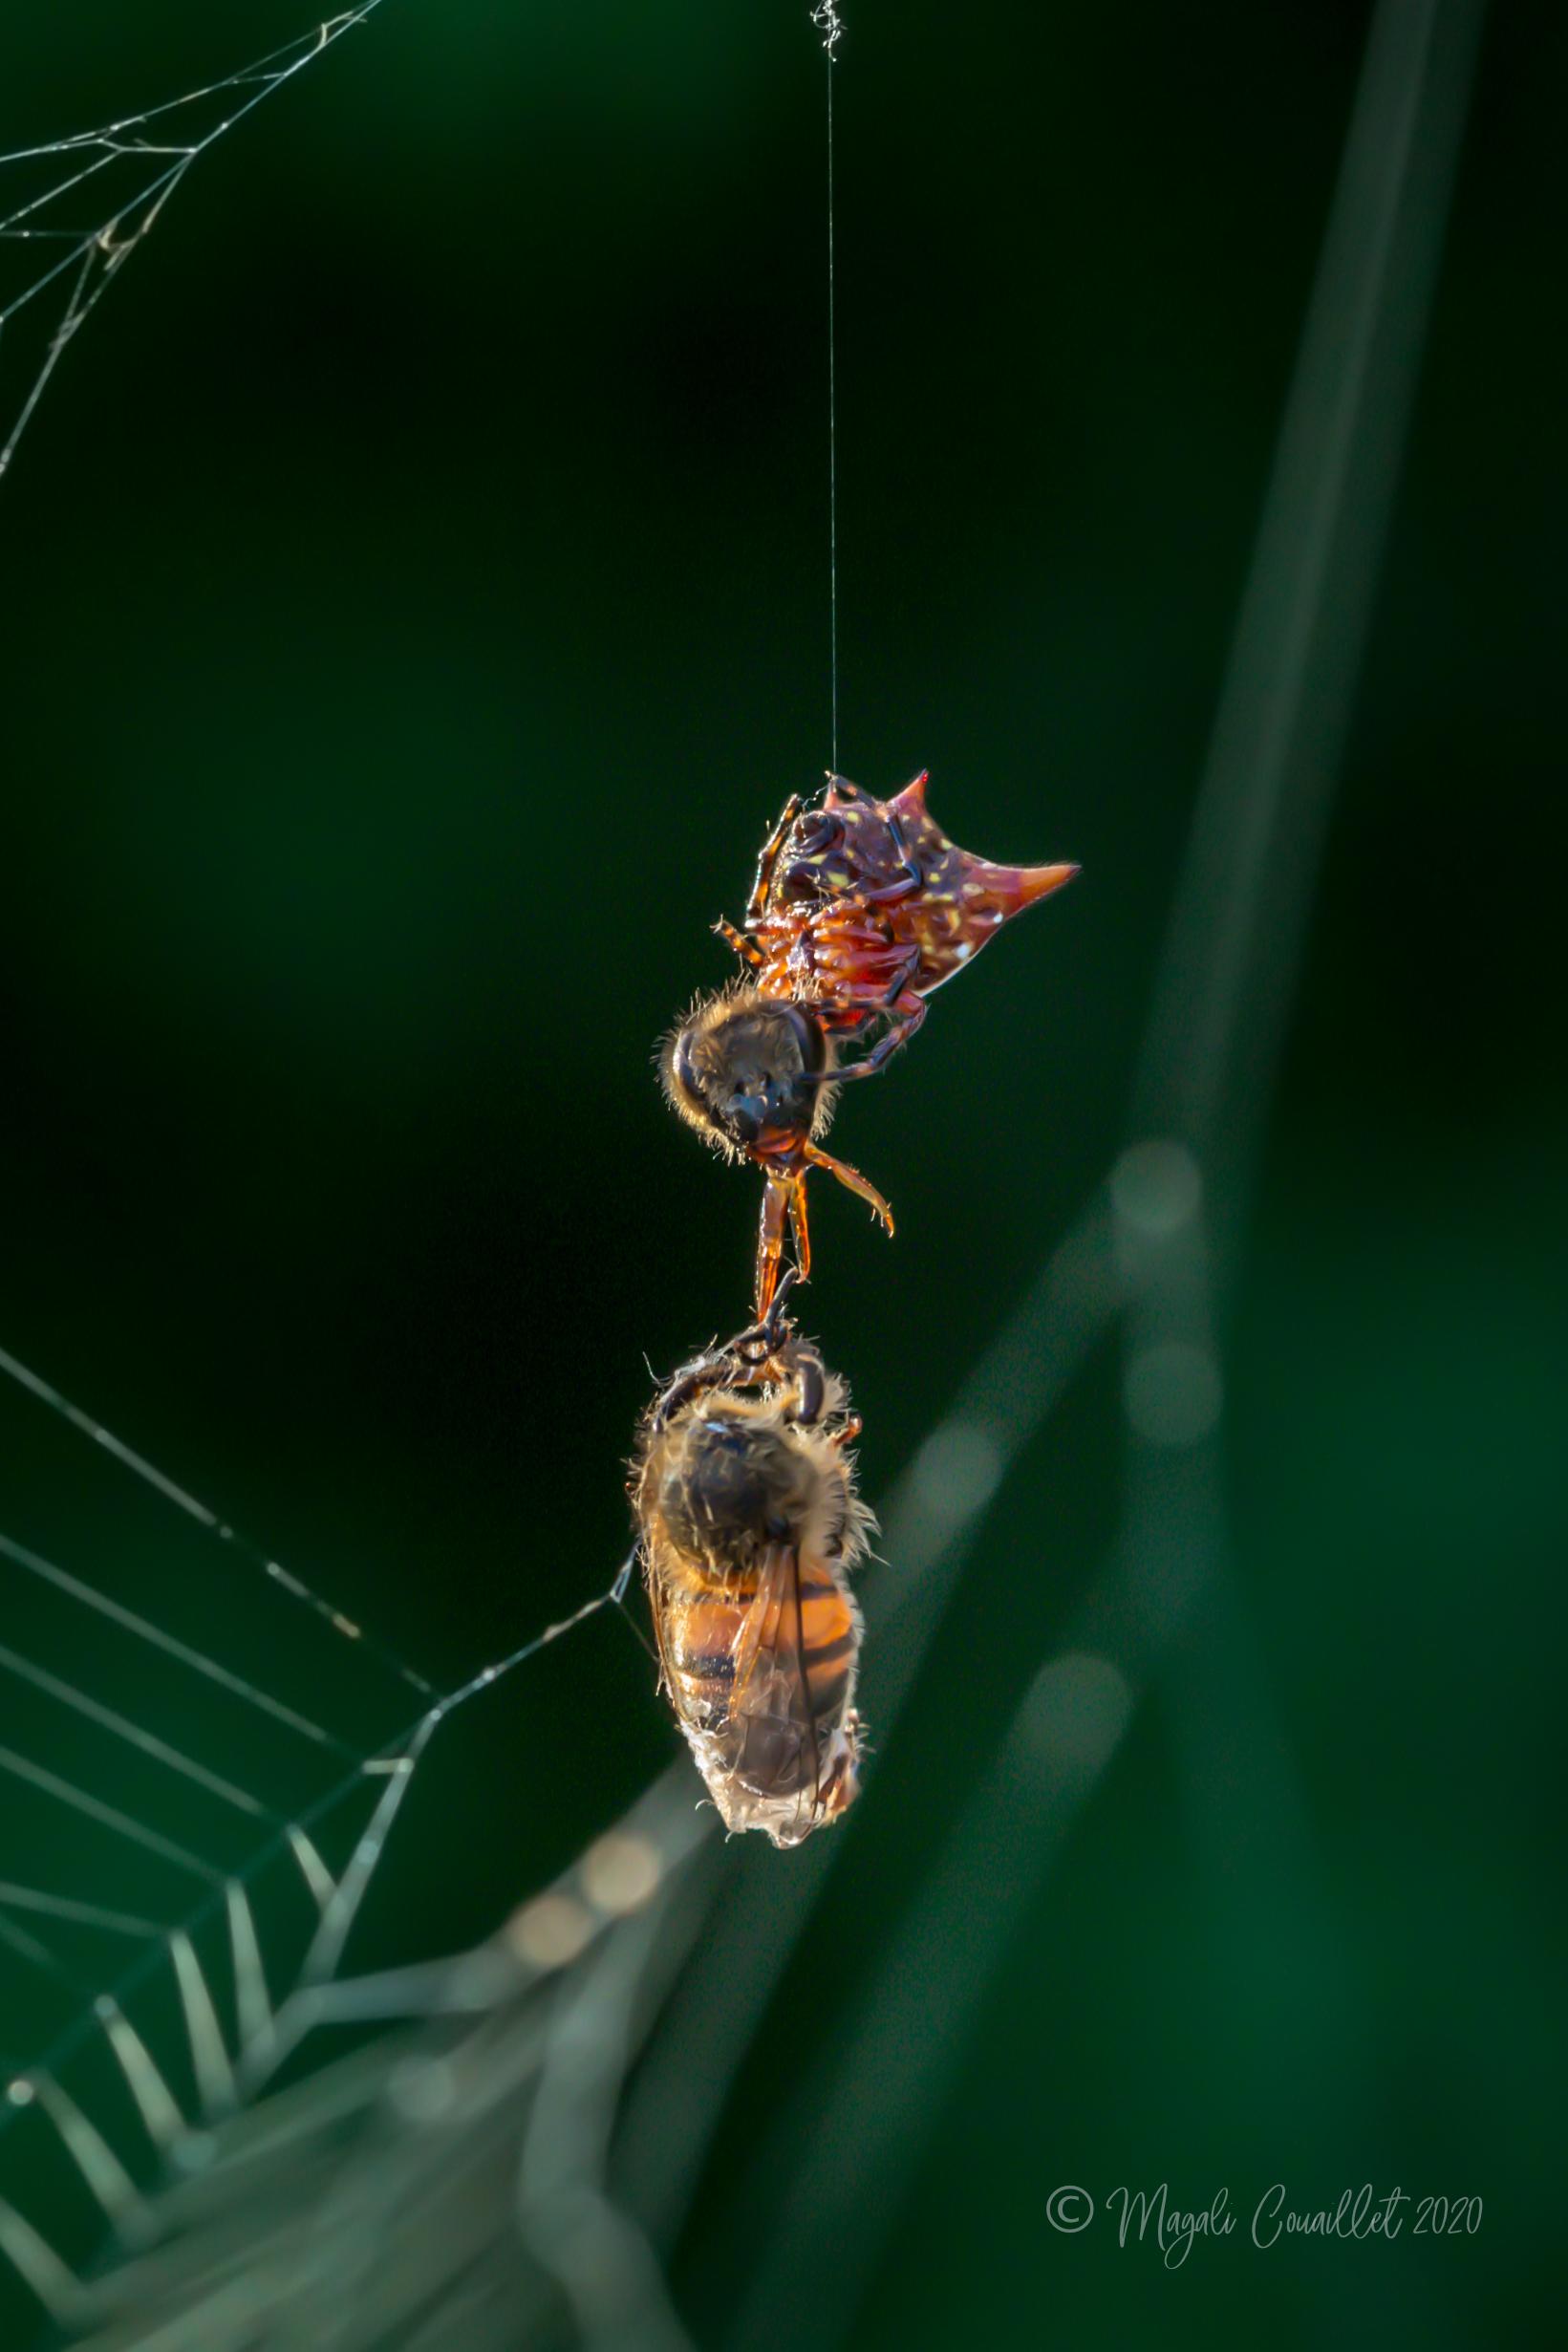 Araignée ayant décapité une abeille